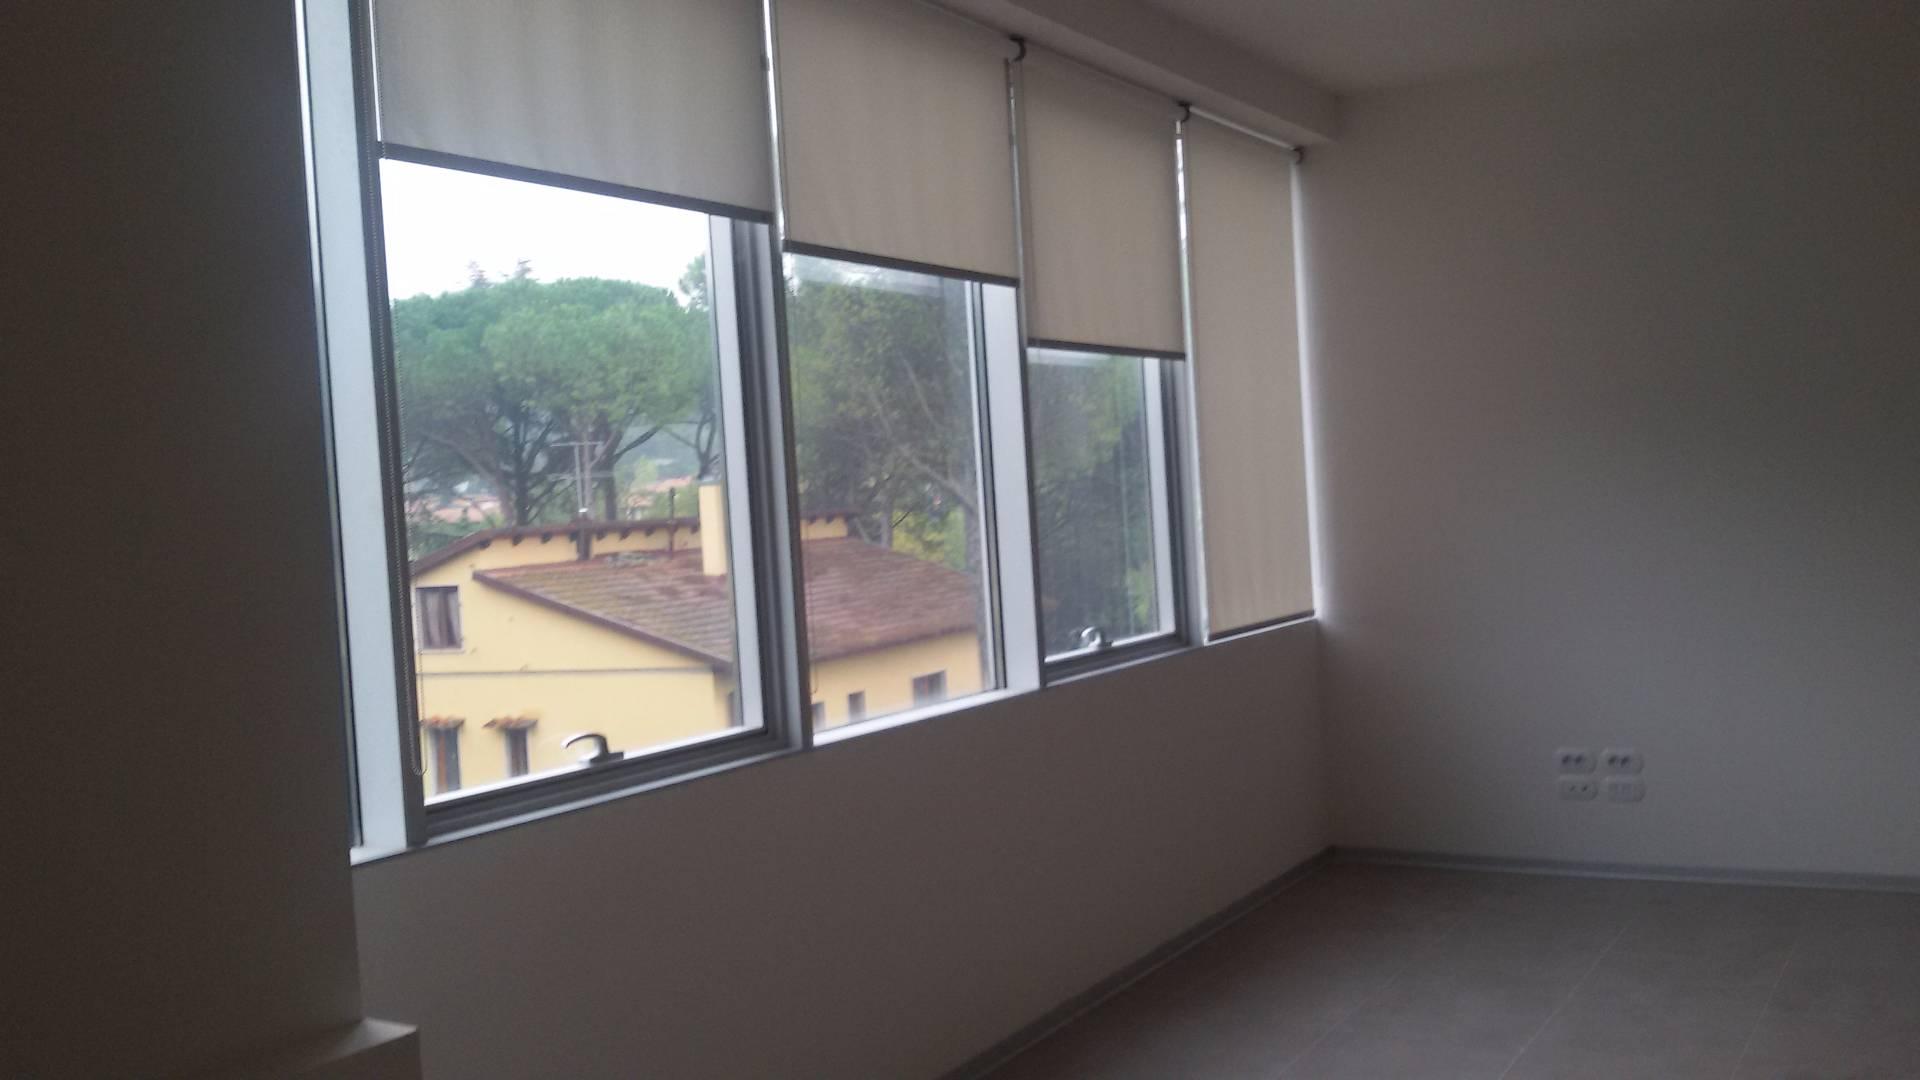 Ufficio / Studio in affitto a Montelupo Fiorentino, 9999 locali, prezzo € 790 | CambioCasa.it